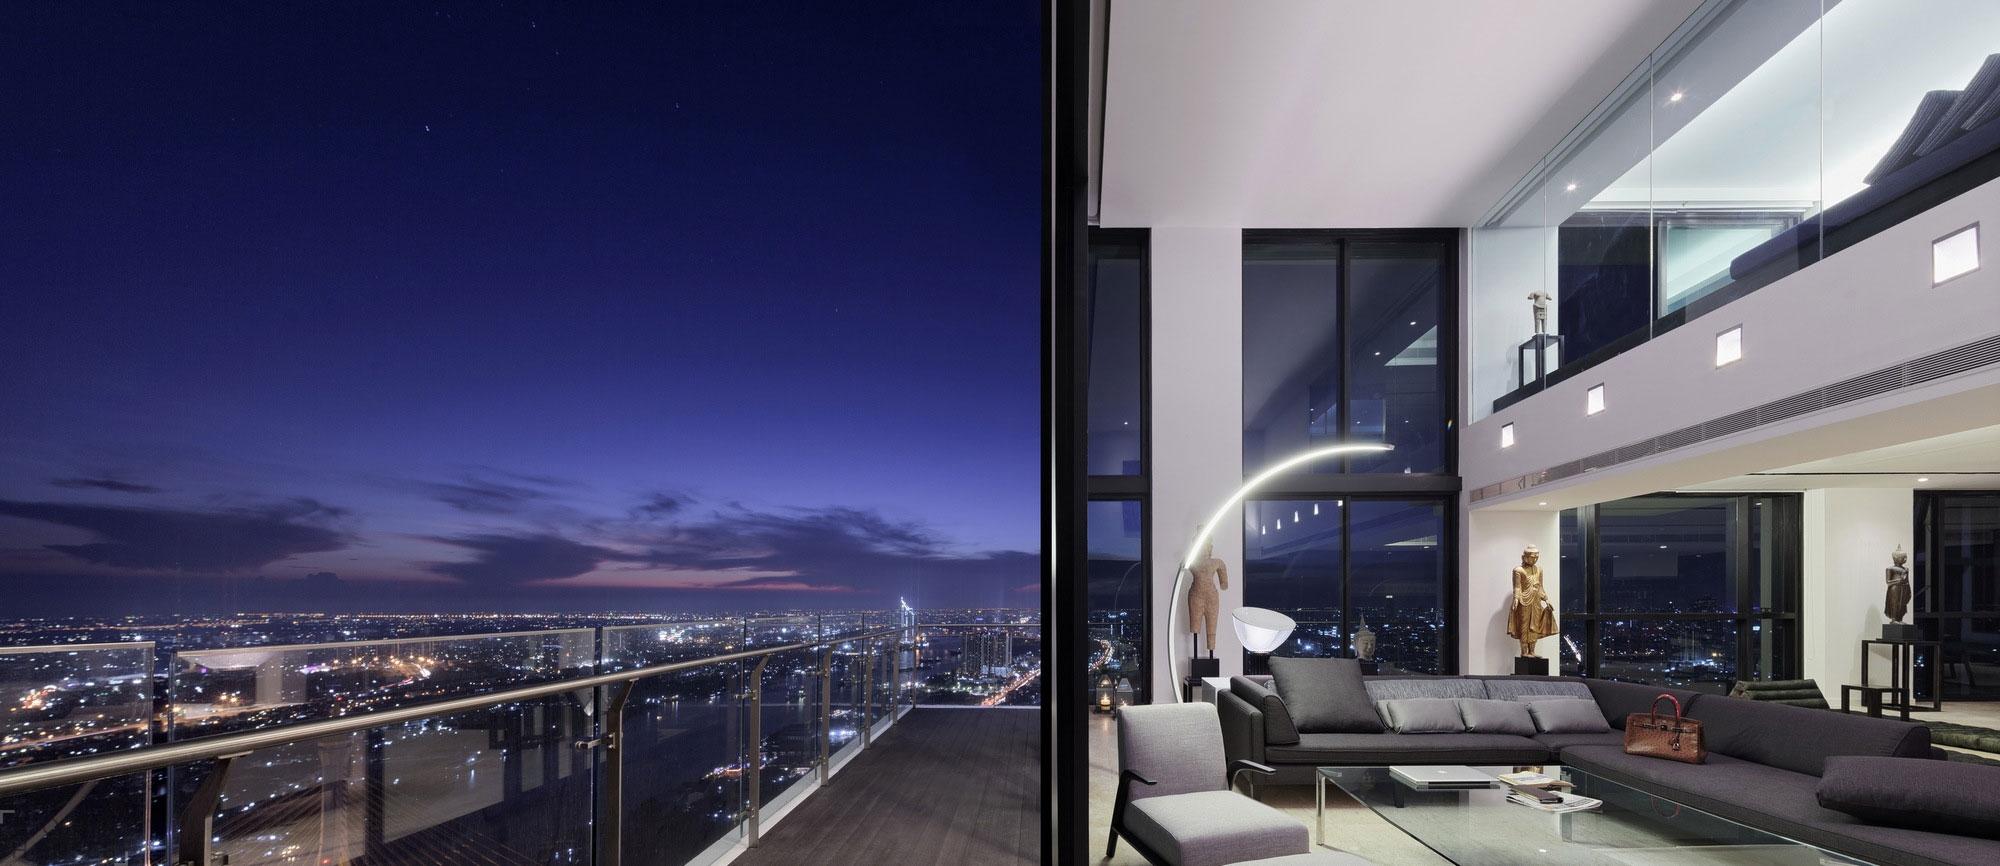 Дизайн квартиры в элитном небоскребе Бангкока